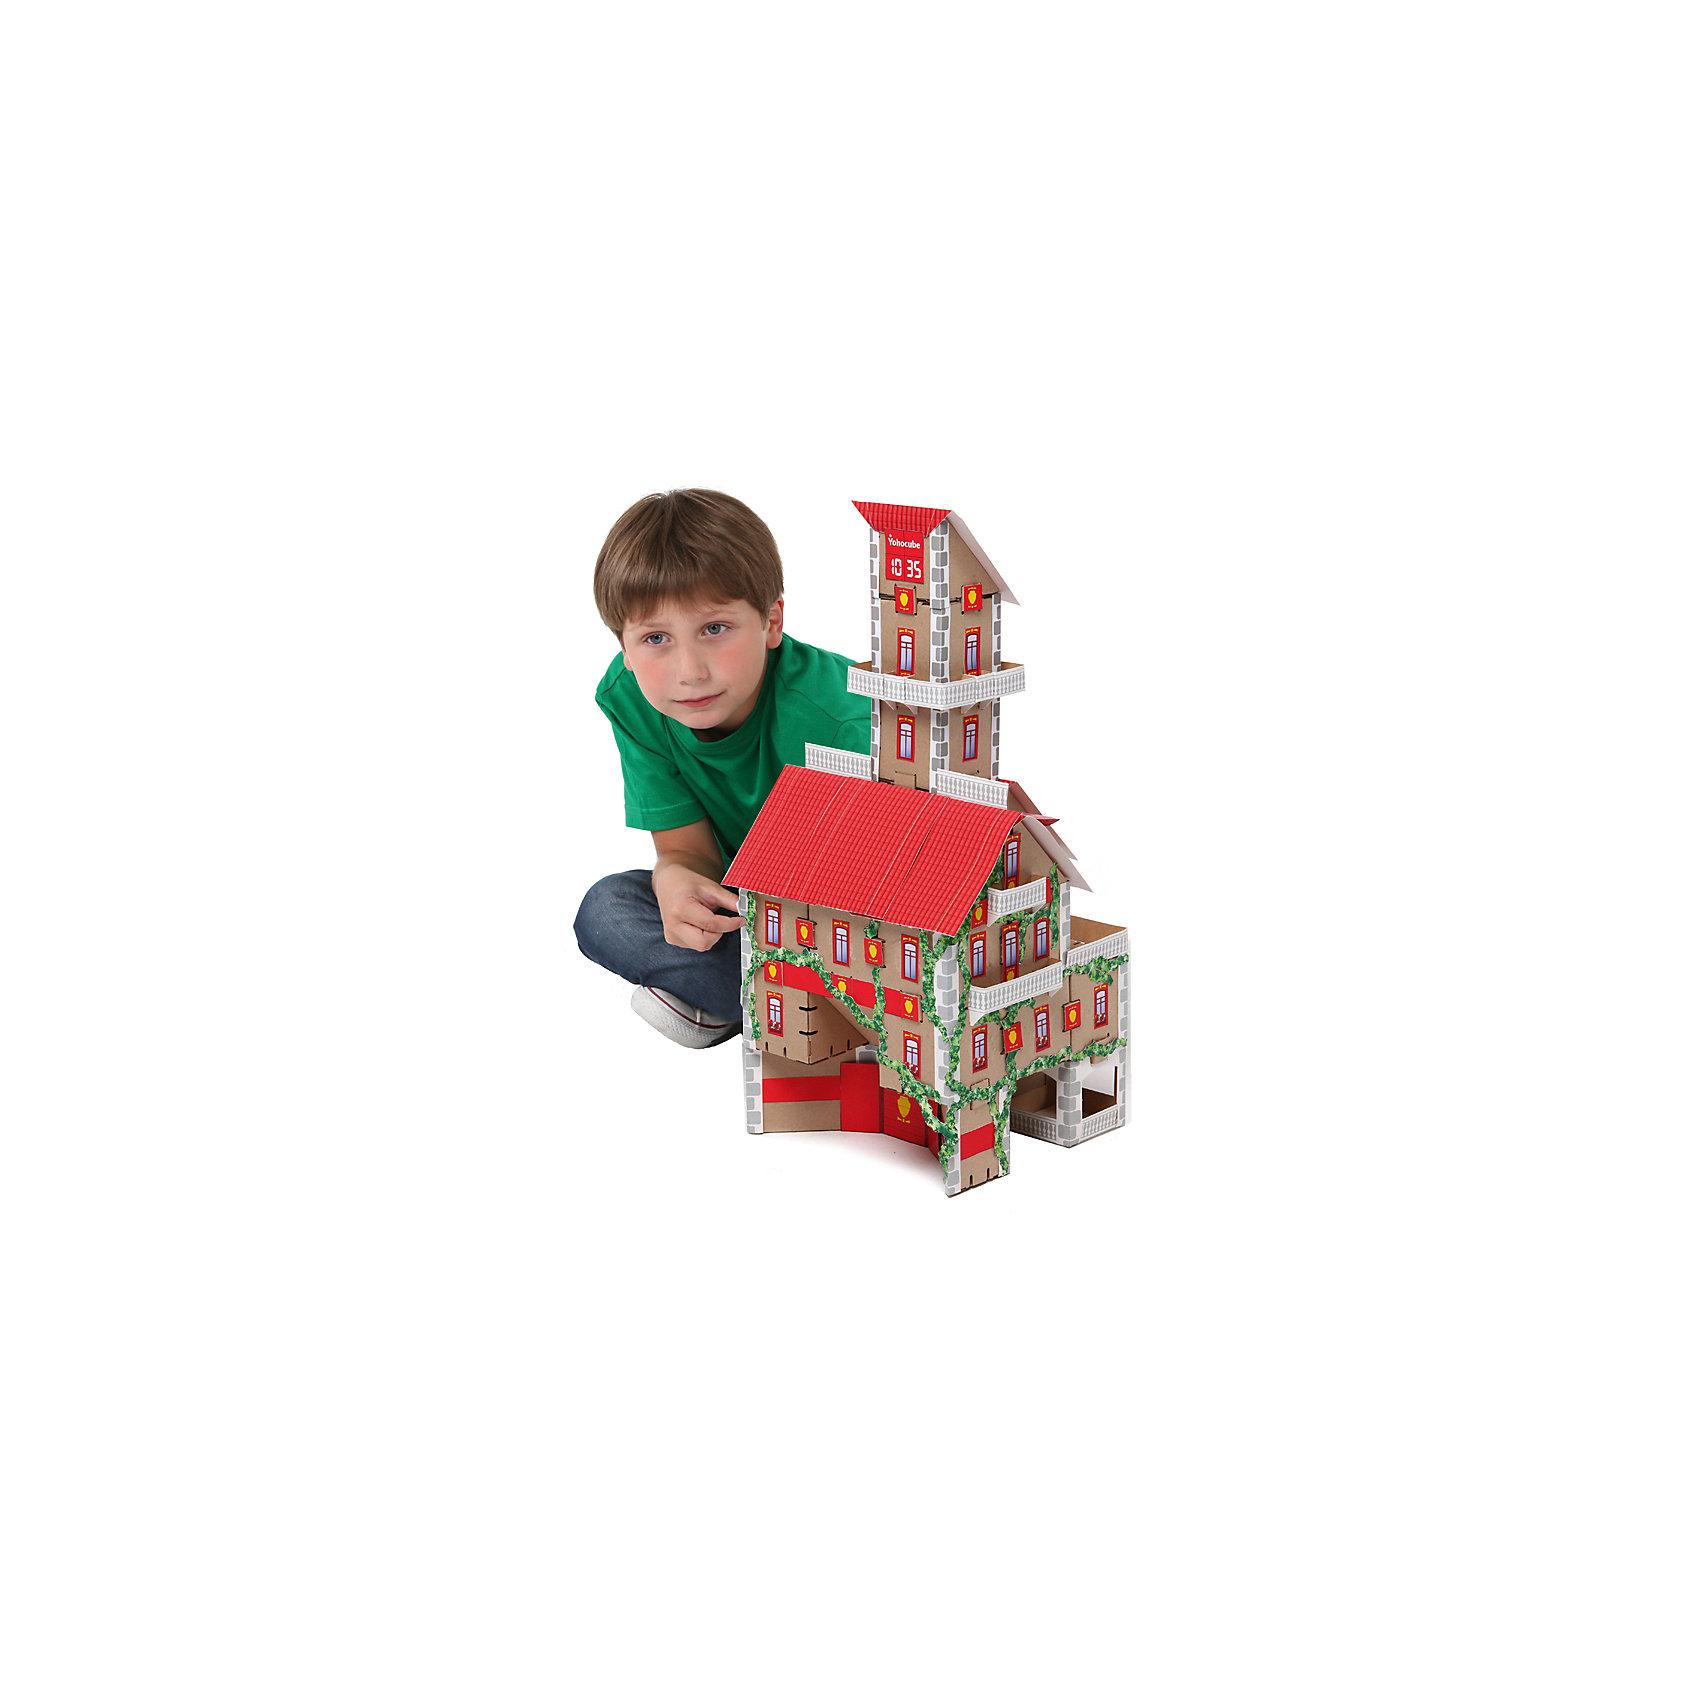 Набор Пожарная часть, серия Yoho City, YohocubeБренды конструкторов<br>Набор Пожарная часть, серия Yoho City, Yohocube (Йохокуб). <br><br>Характеристика:<br><br>• Материал: усиленный картон (1,5 мм). <br>• Размер упаковки: 37х31х5,5 см. <br>• Размер одного кубика: 8 см. <br>• 30 деталей. <br>• Оригинальный дизайн. <br>• Развивает моторику рук, внимание, пространственное мышление и воображение. <br><br>С помощью этого оригинального конструктора ребенок сможет собрать пожарную часть. Размер кубиков идеально подходит для детских рук. Простые и удобные крепления позволят ребенку собирать конструктор без помощи взрослых. Все детали изготовлены из высококачественного прочного картона с применением нетоксичных безопасных красителей. Игры с конструктором полезное и очень увлекательное занятие, развивающее внимание, мелкую моторику, пространственное мышление и воображение. <br><br>Набор Пожарная часть, серия Yoho City, Yohocube (Йохокуб), можно купить в нашем интернет-магазине.<br><br>Ширина мм: 370<br>Глубина мм: 310<br>Высота мм: 55<br>Вес г: 1150<br>Возраст от месяцев: 72<br>Возраст до месяцев: 144<br>Пол: Унисекс<br>Возраст: Детский<br>SKU: 5154030